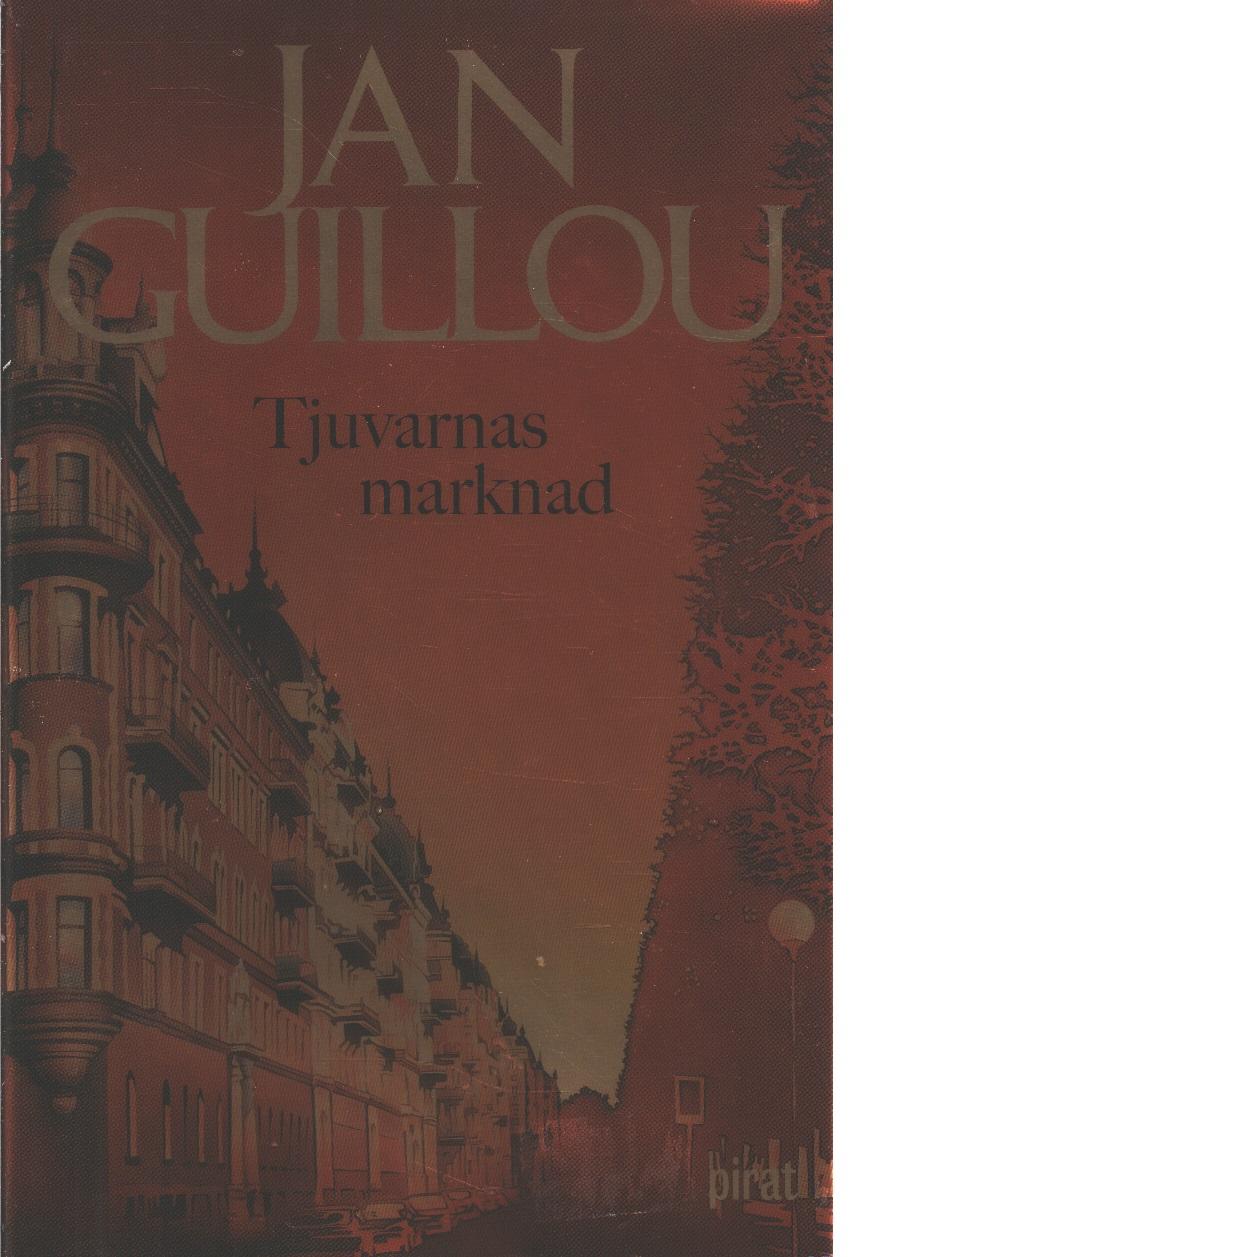 Tjuvarnas marknad - Guillou, Jan